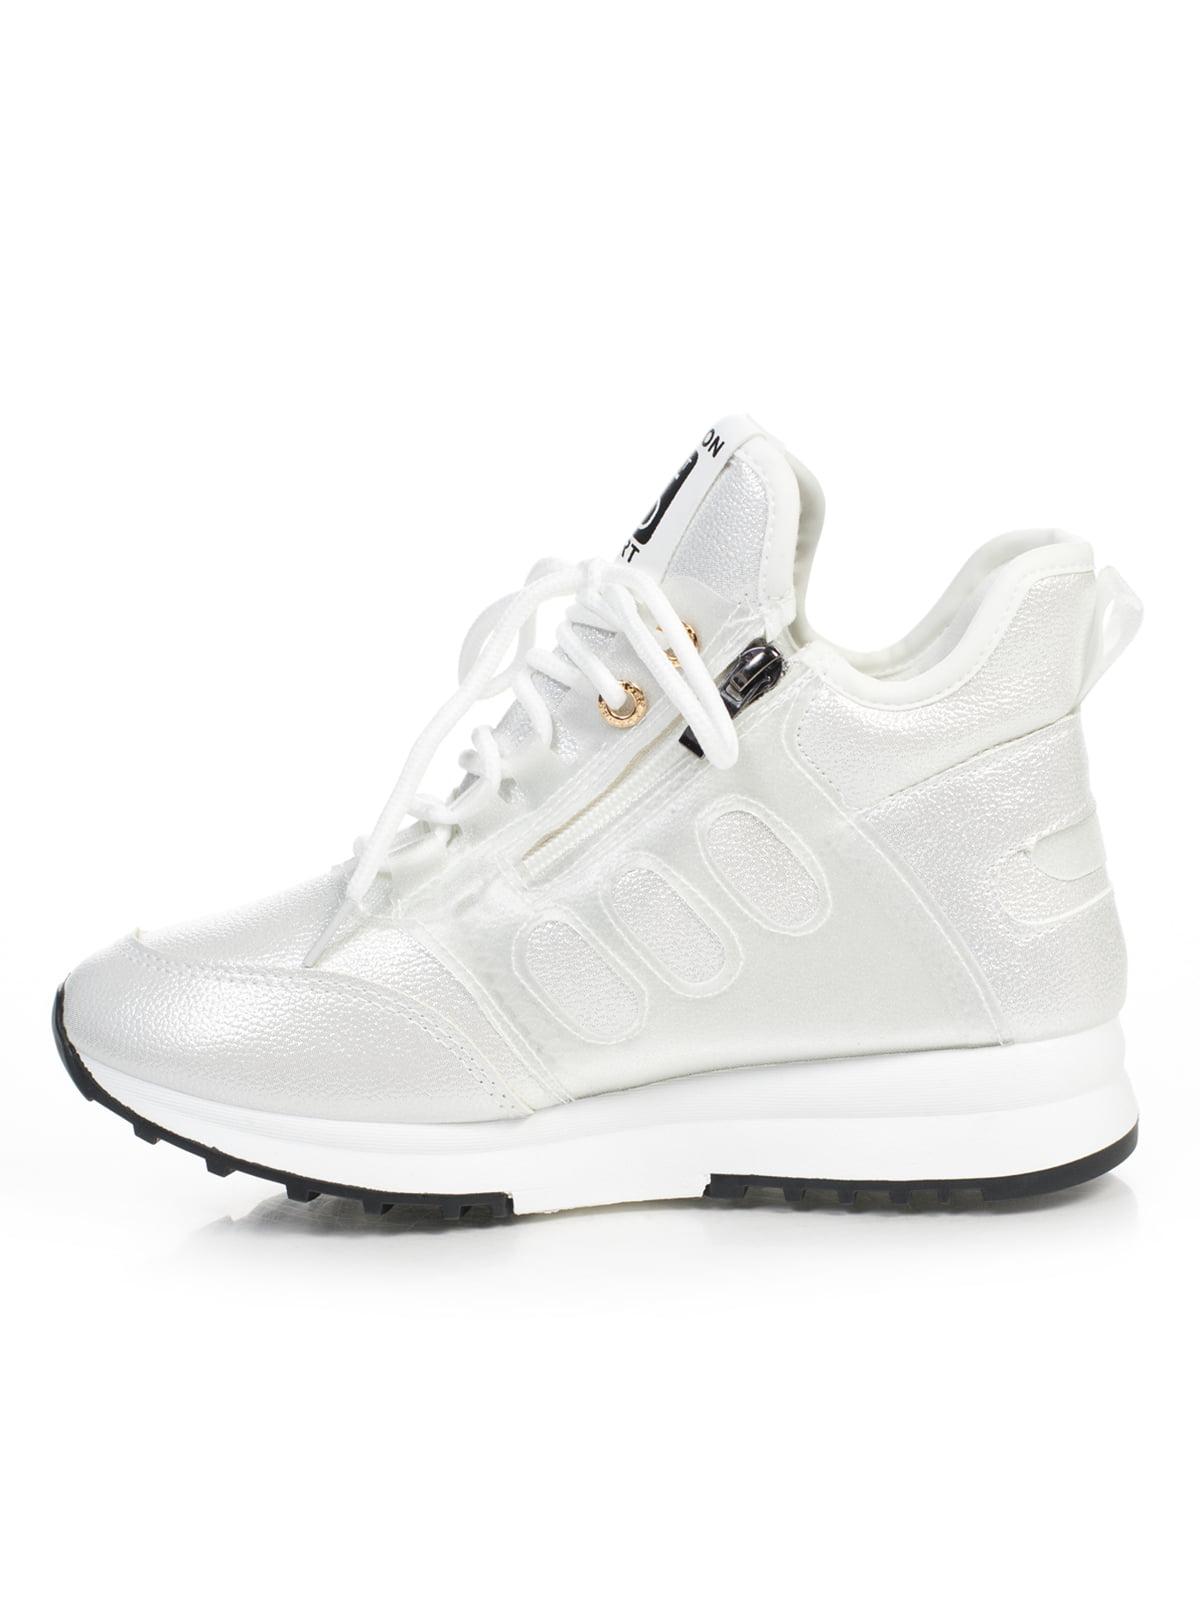 Кроссовки белые | 4826046 | фото 2